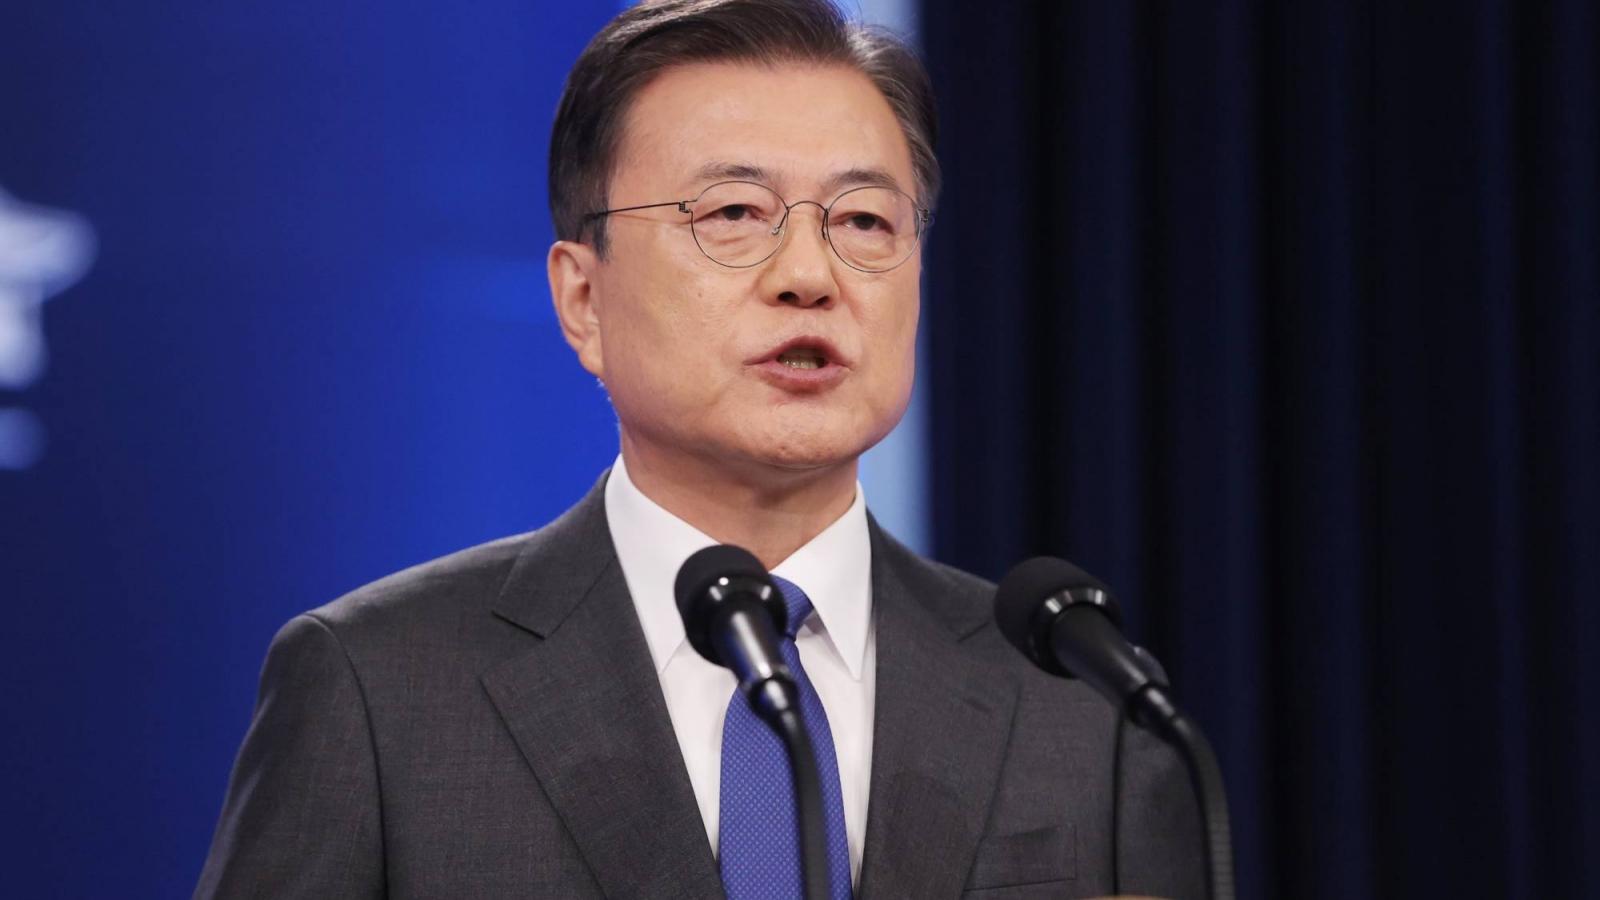 Tổng thống Hàn Quốc tái khẳng định cam kết cải thiện quan hệ với Triều Tiên